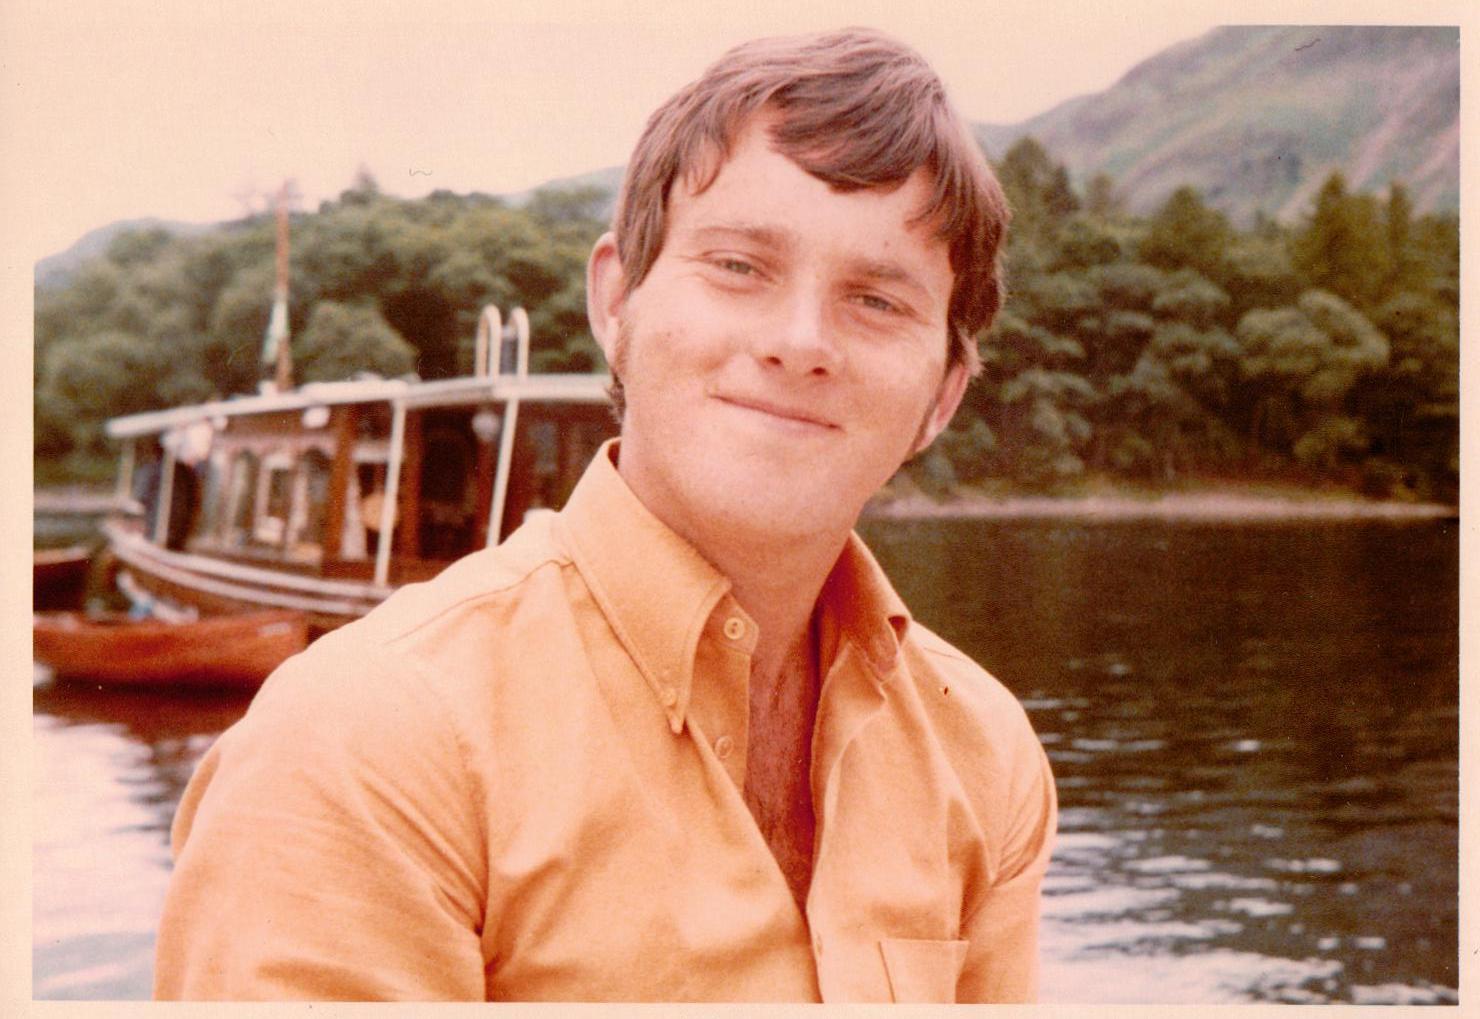 A boatman working on Derwent Water in 1973